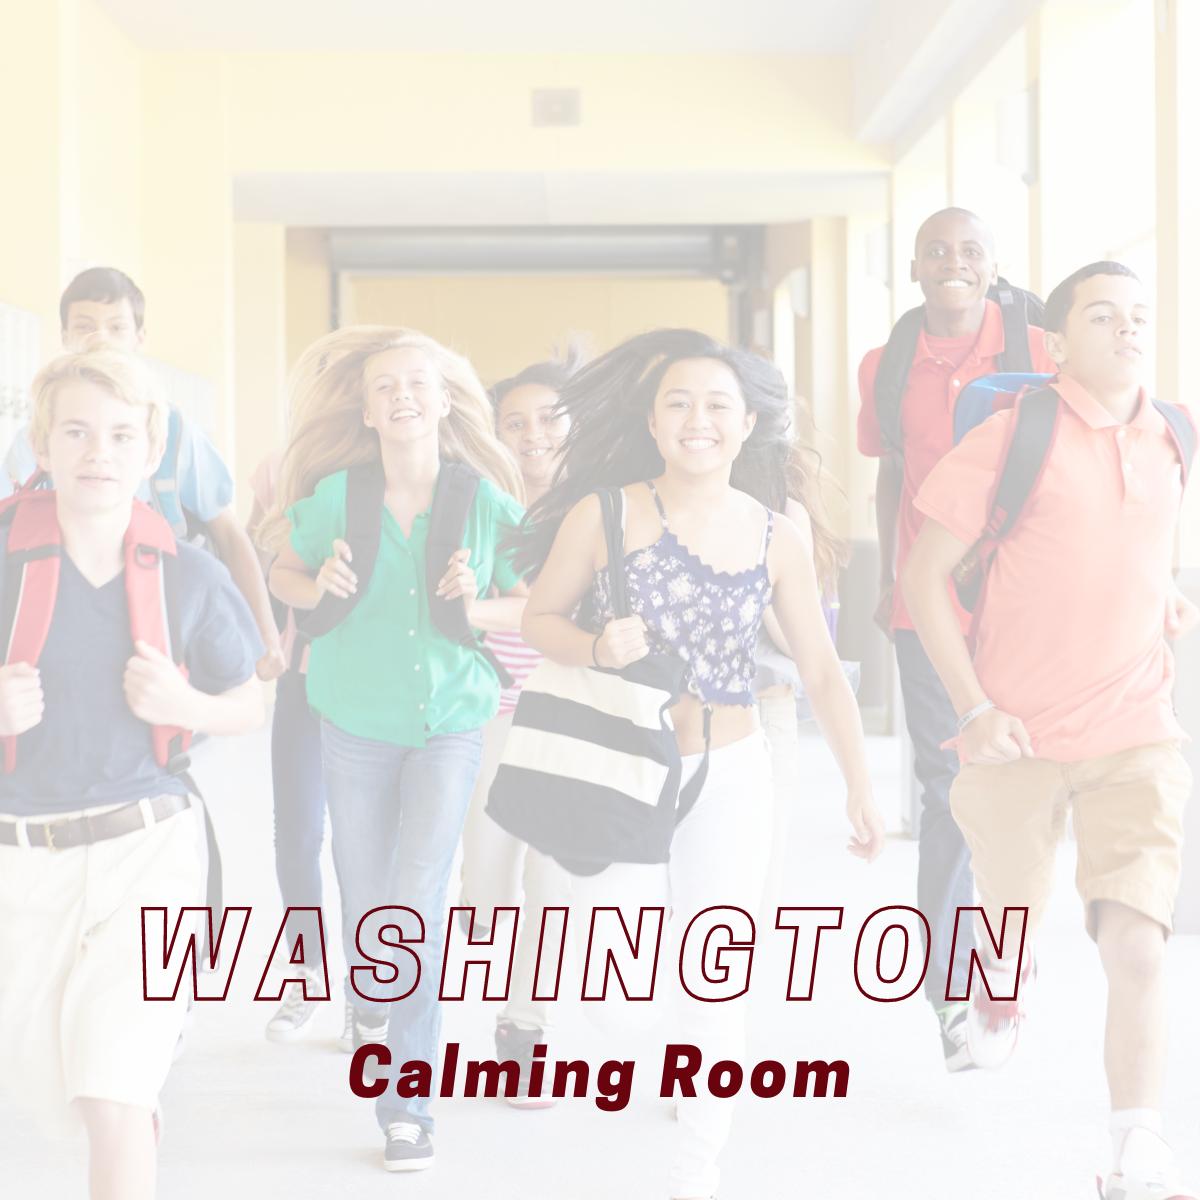 Washington Calming Room